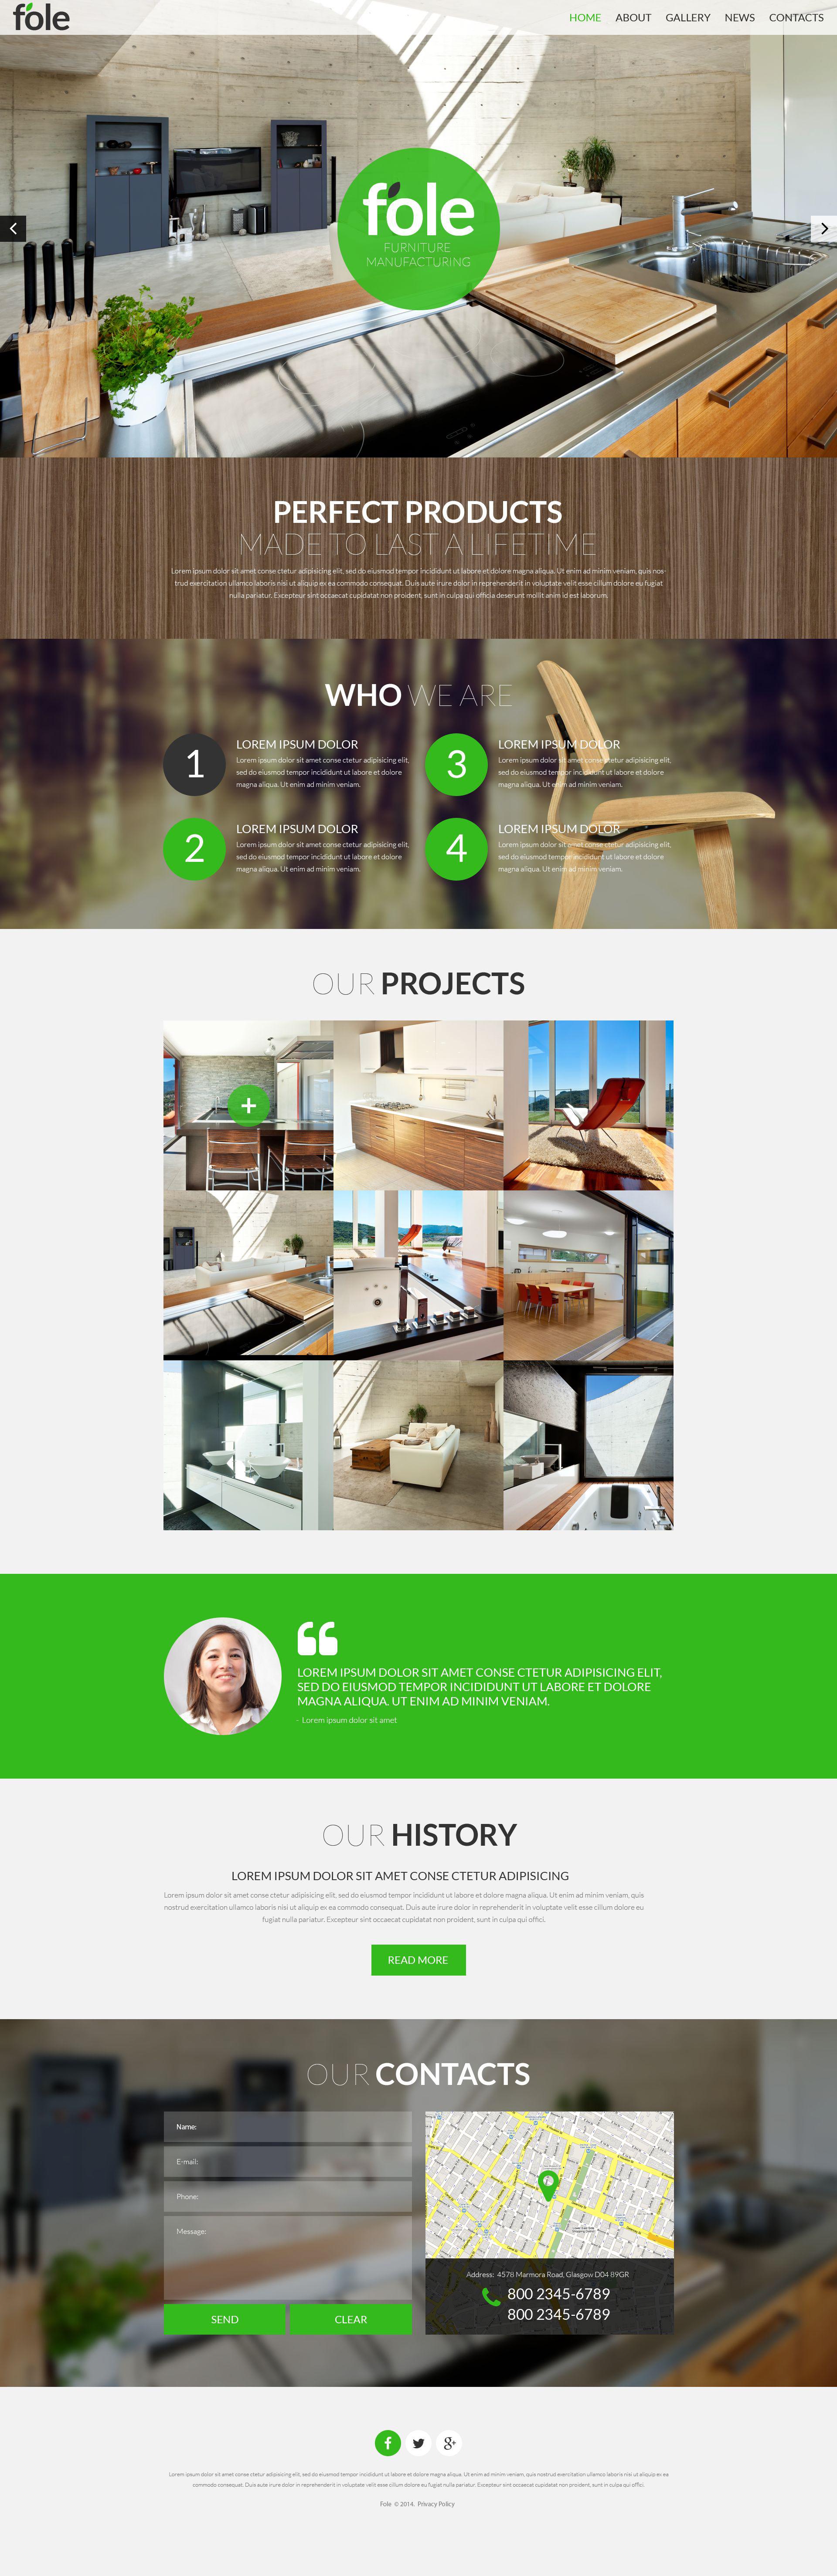 Modèle Web adaptatif pour site de meubles #51901